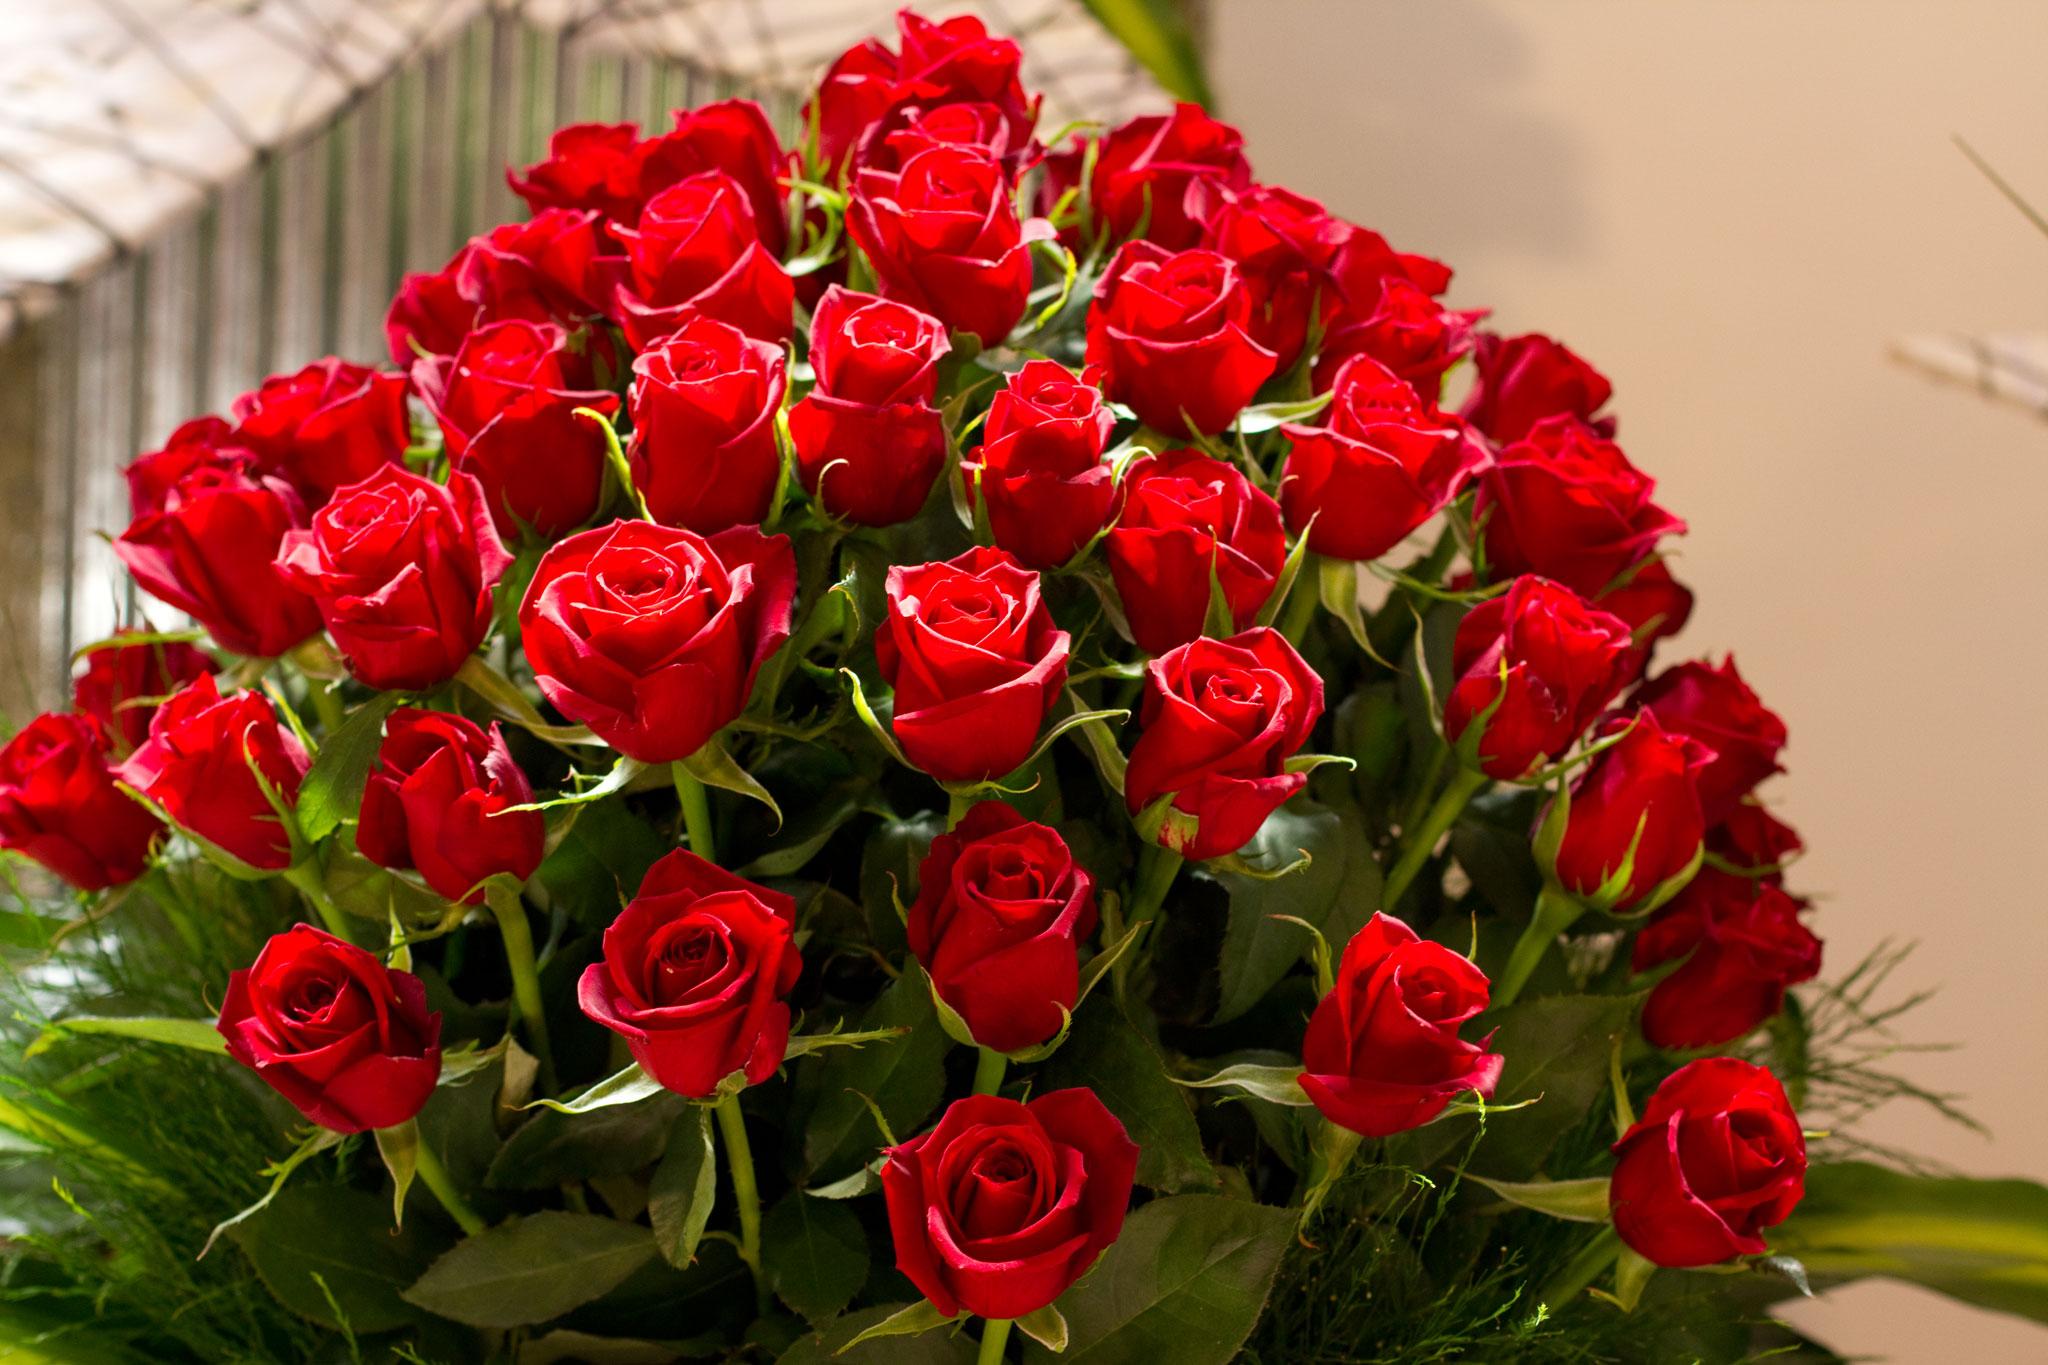 بالصور صور ورد طبيعي , اجمل الورود الطبيعيه باشكالها المختلفه 1054 5